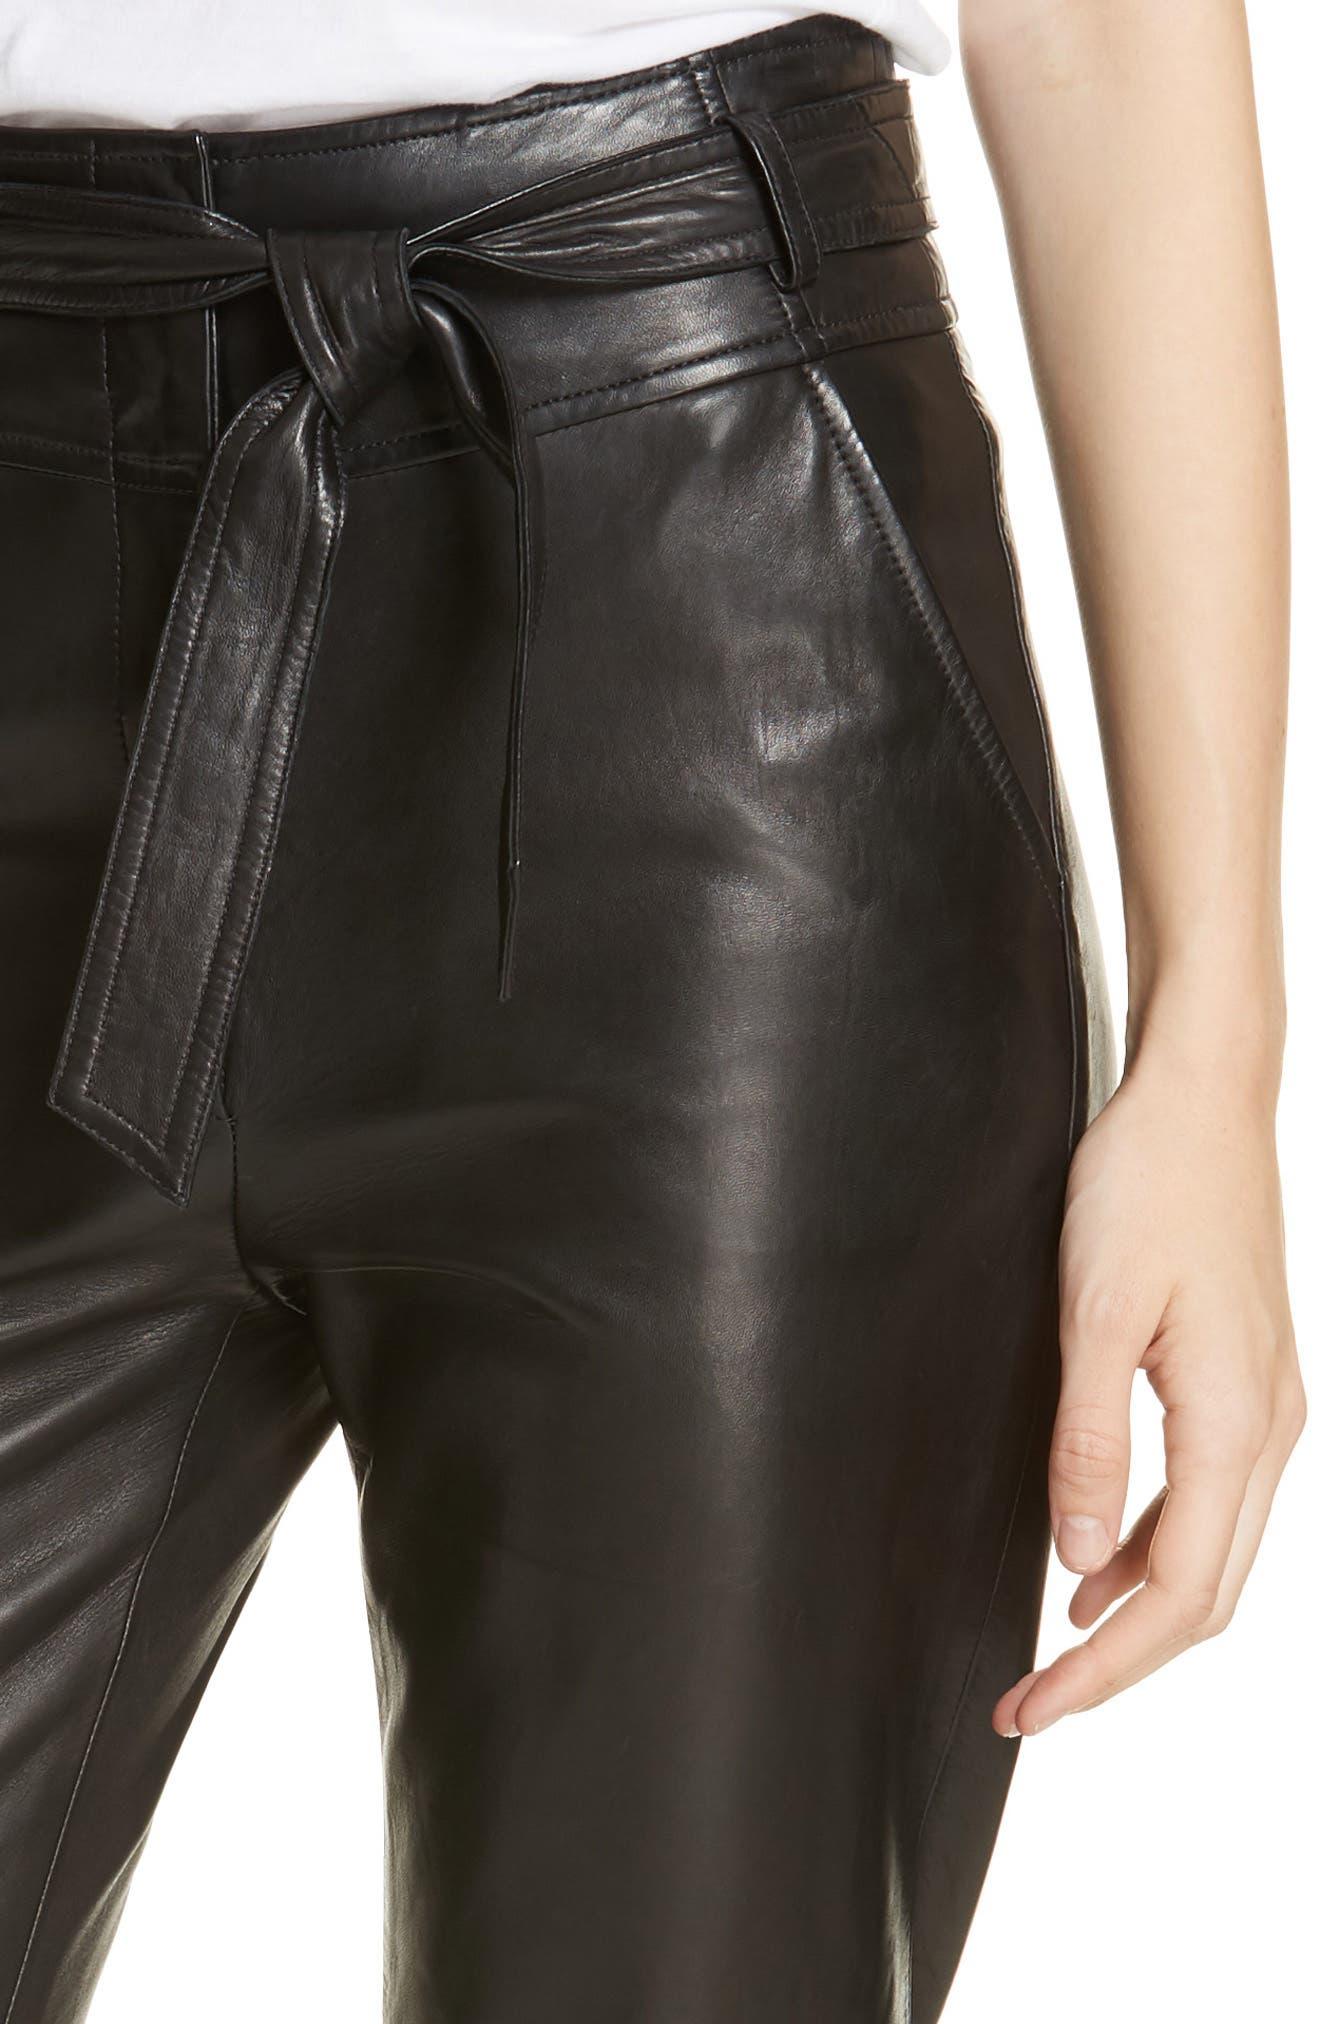 Faxon Leather Pants,                             Alternate thumbnail 4, color,                             BLACK